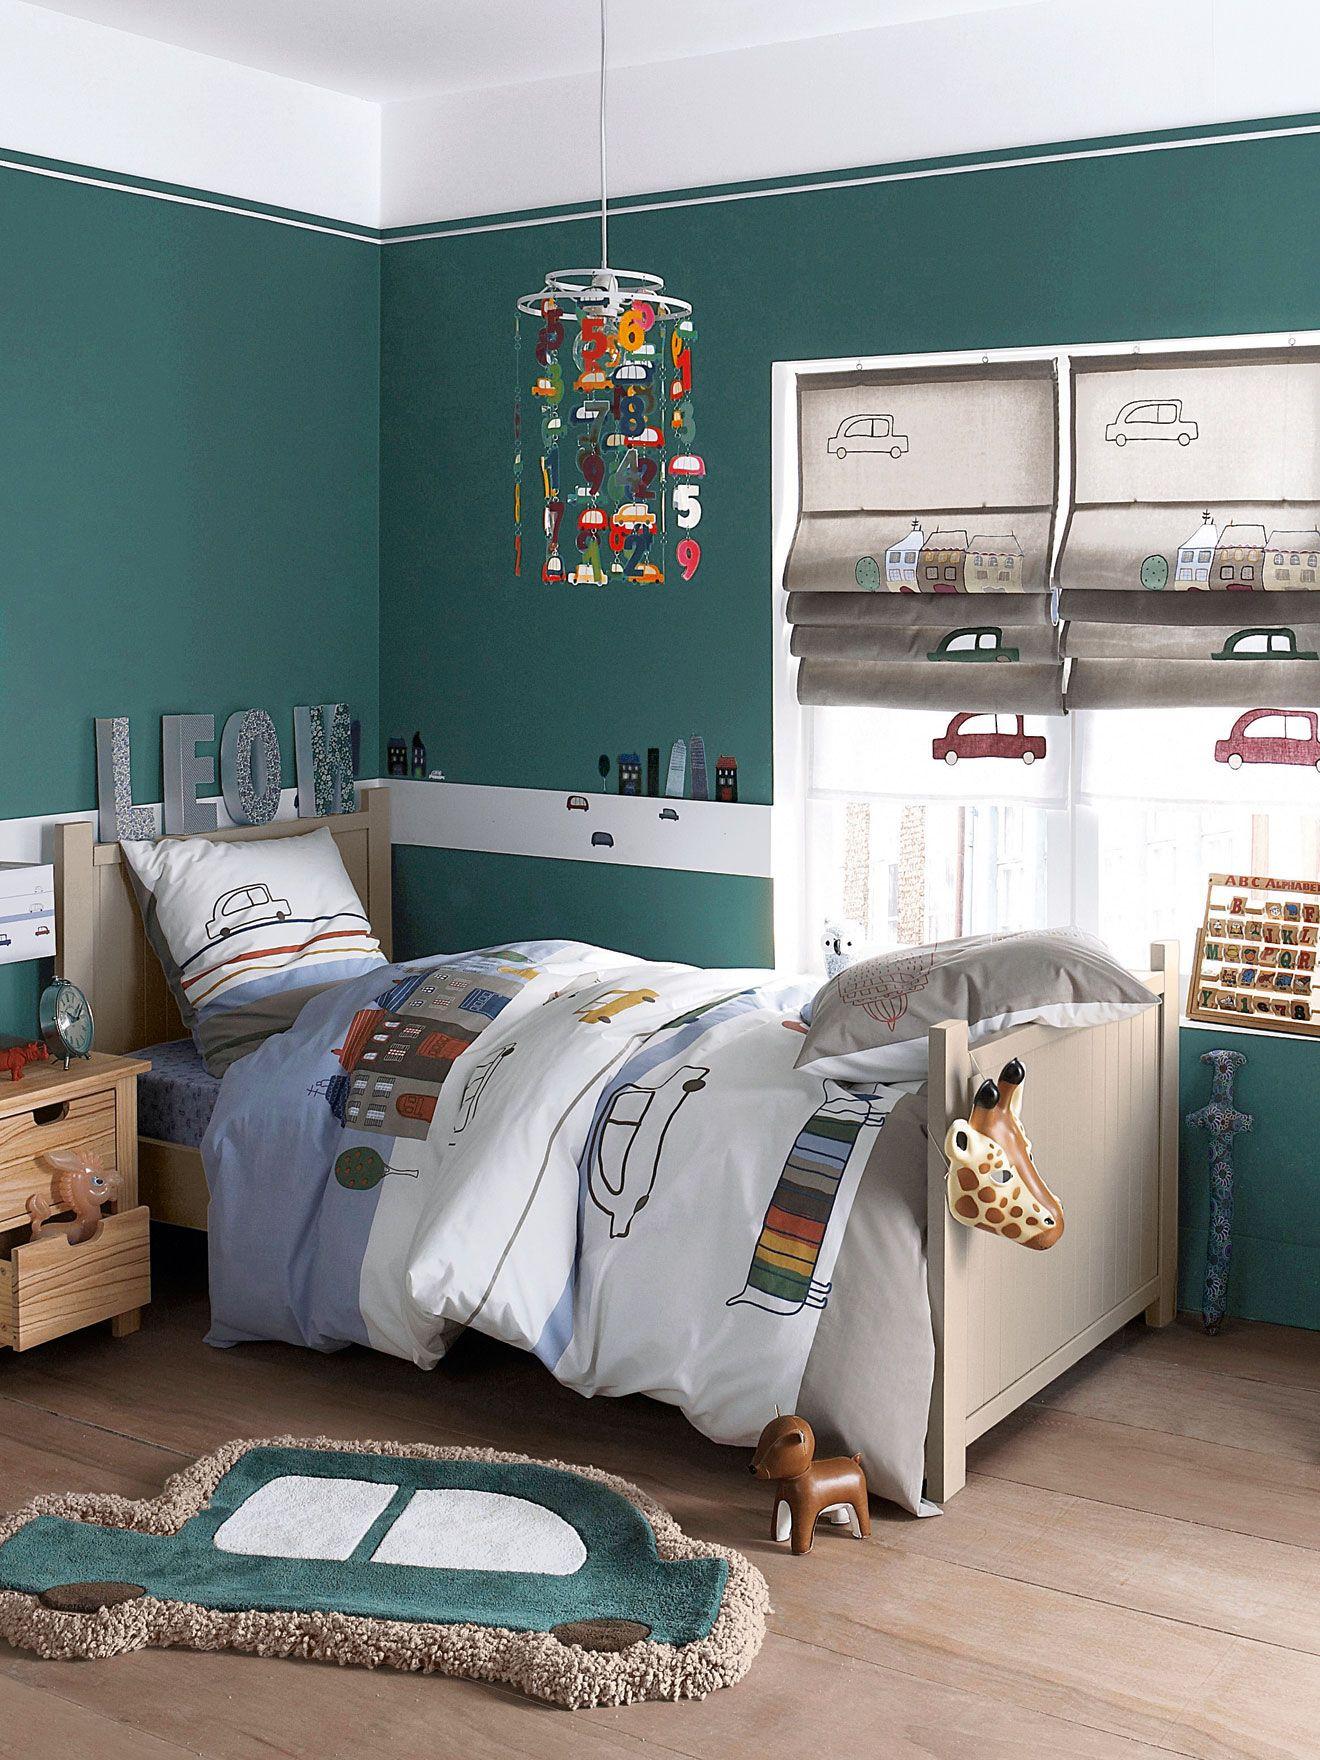 Pantalla de l mpara 39 coches 39 habitaci n ni o habitaci n beb habitaciones infantiles 2014 - Lamparas habitacion bebe ...